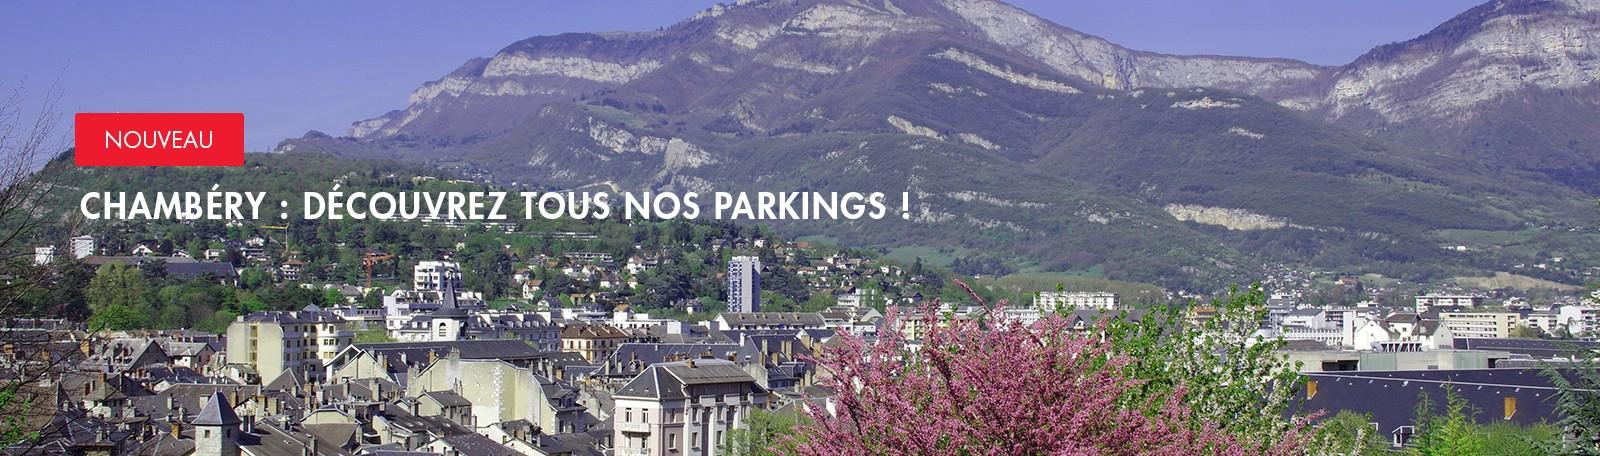 Nouveaux parkings Q-Park à Chambéry